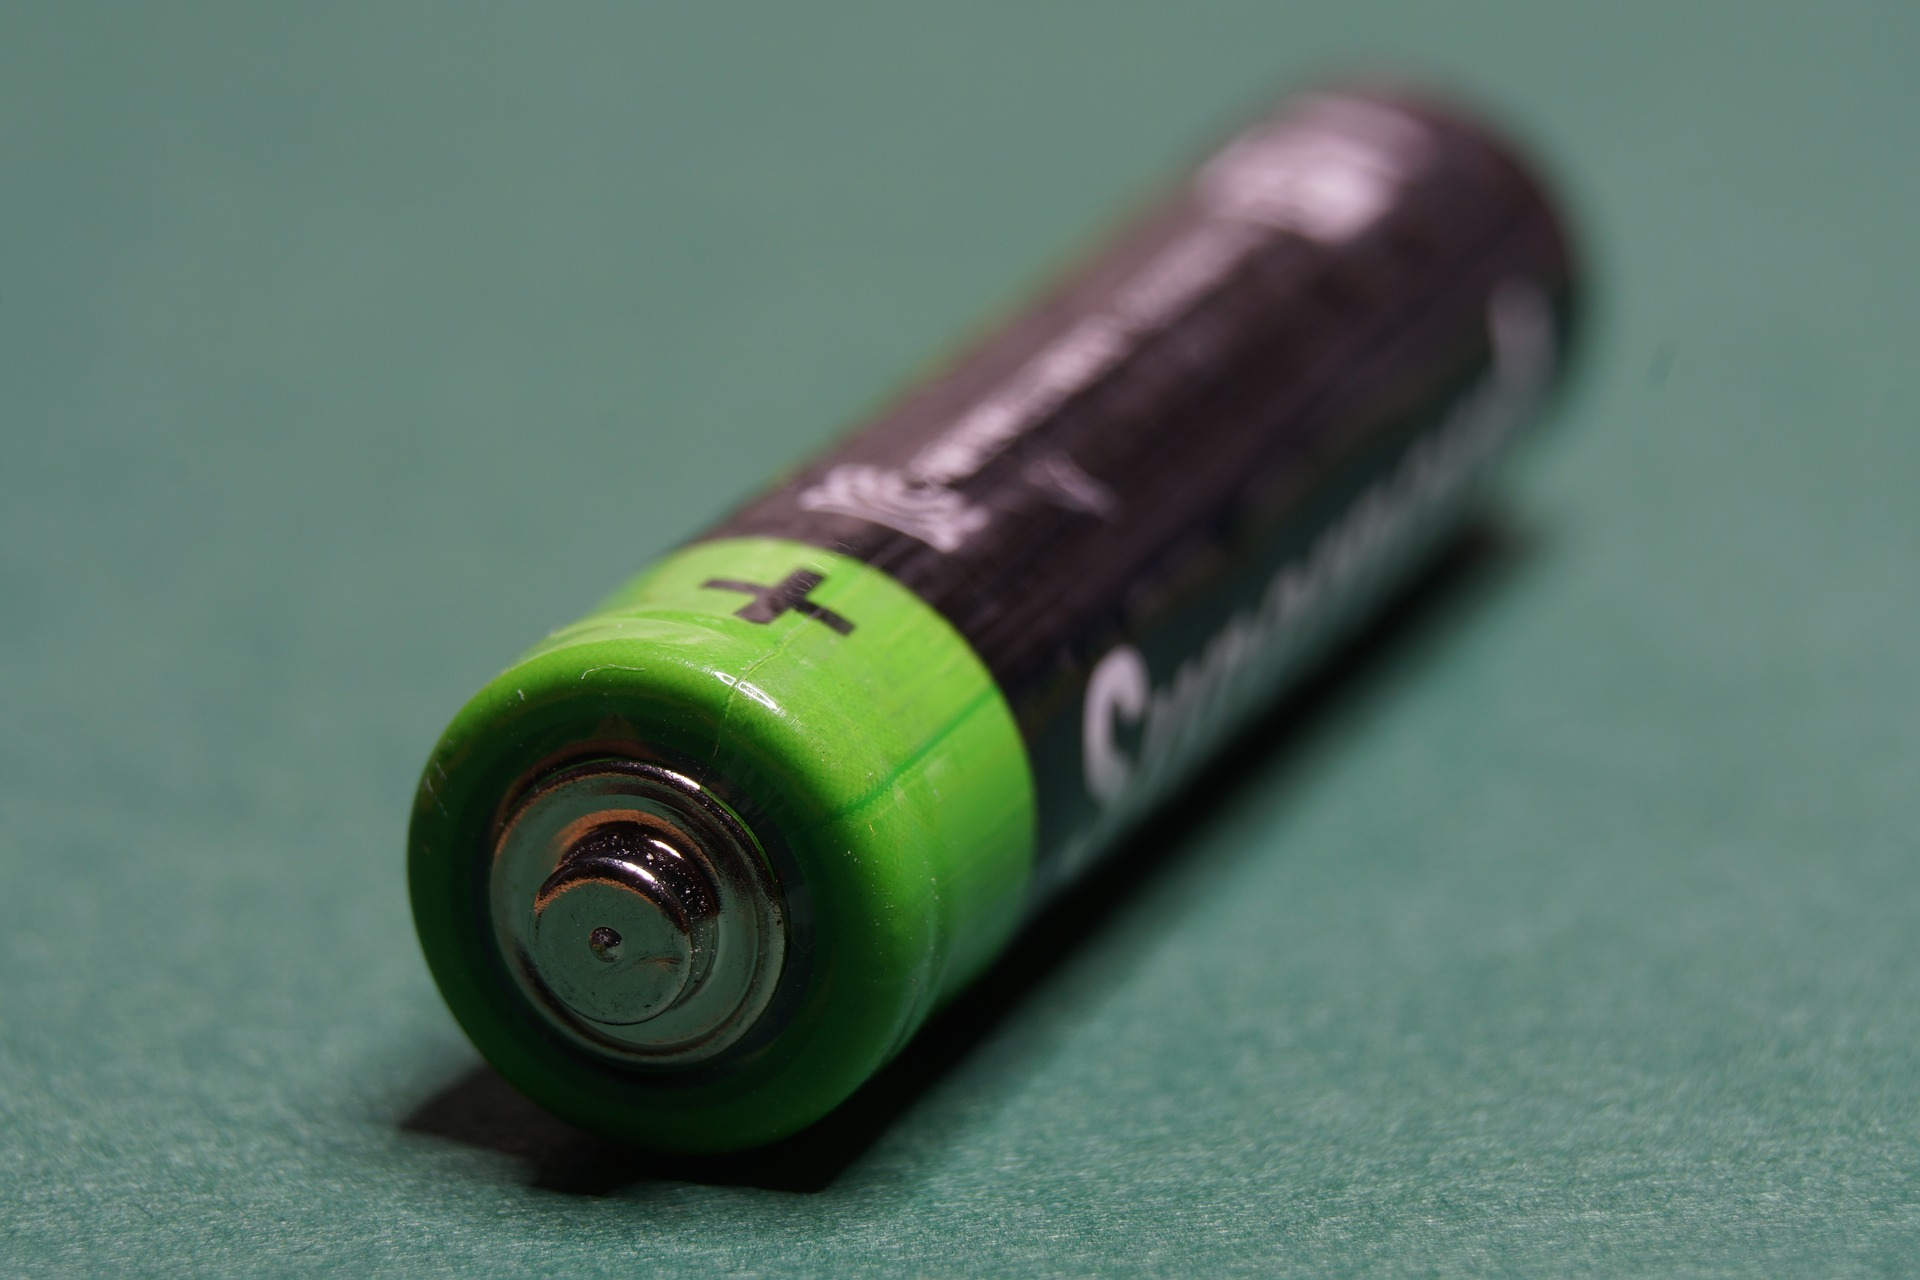 Единственный в России завод по переработке батареек модернизирует технологию